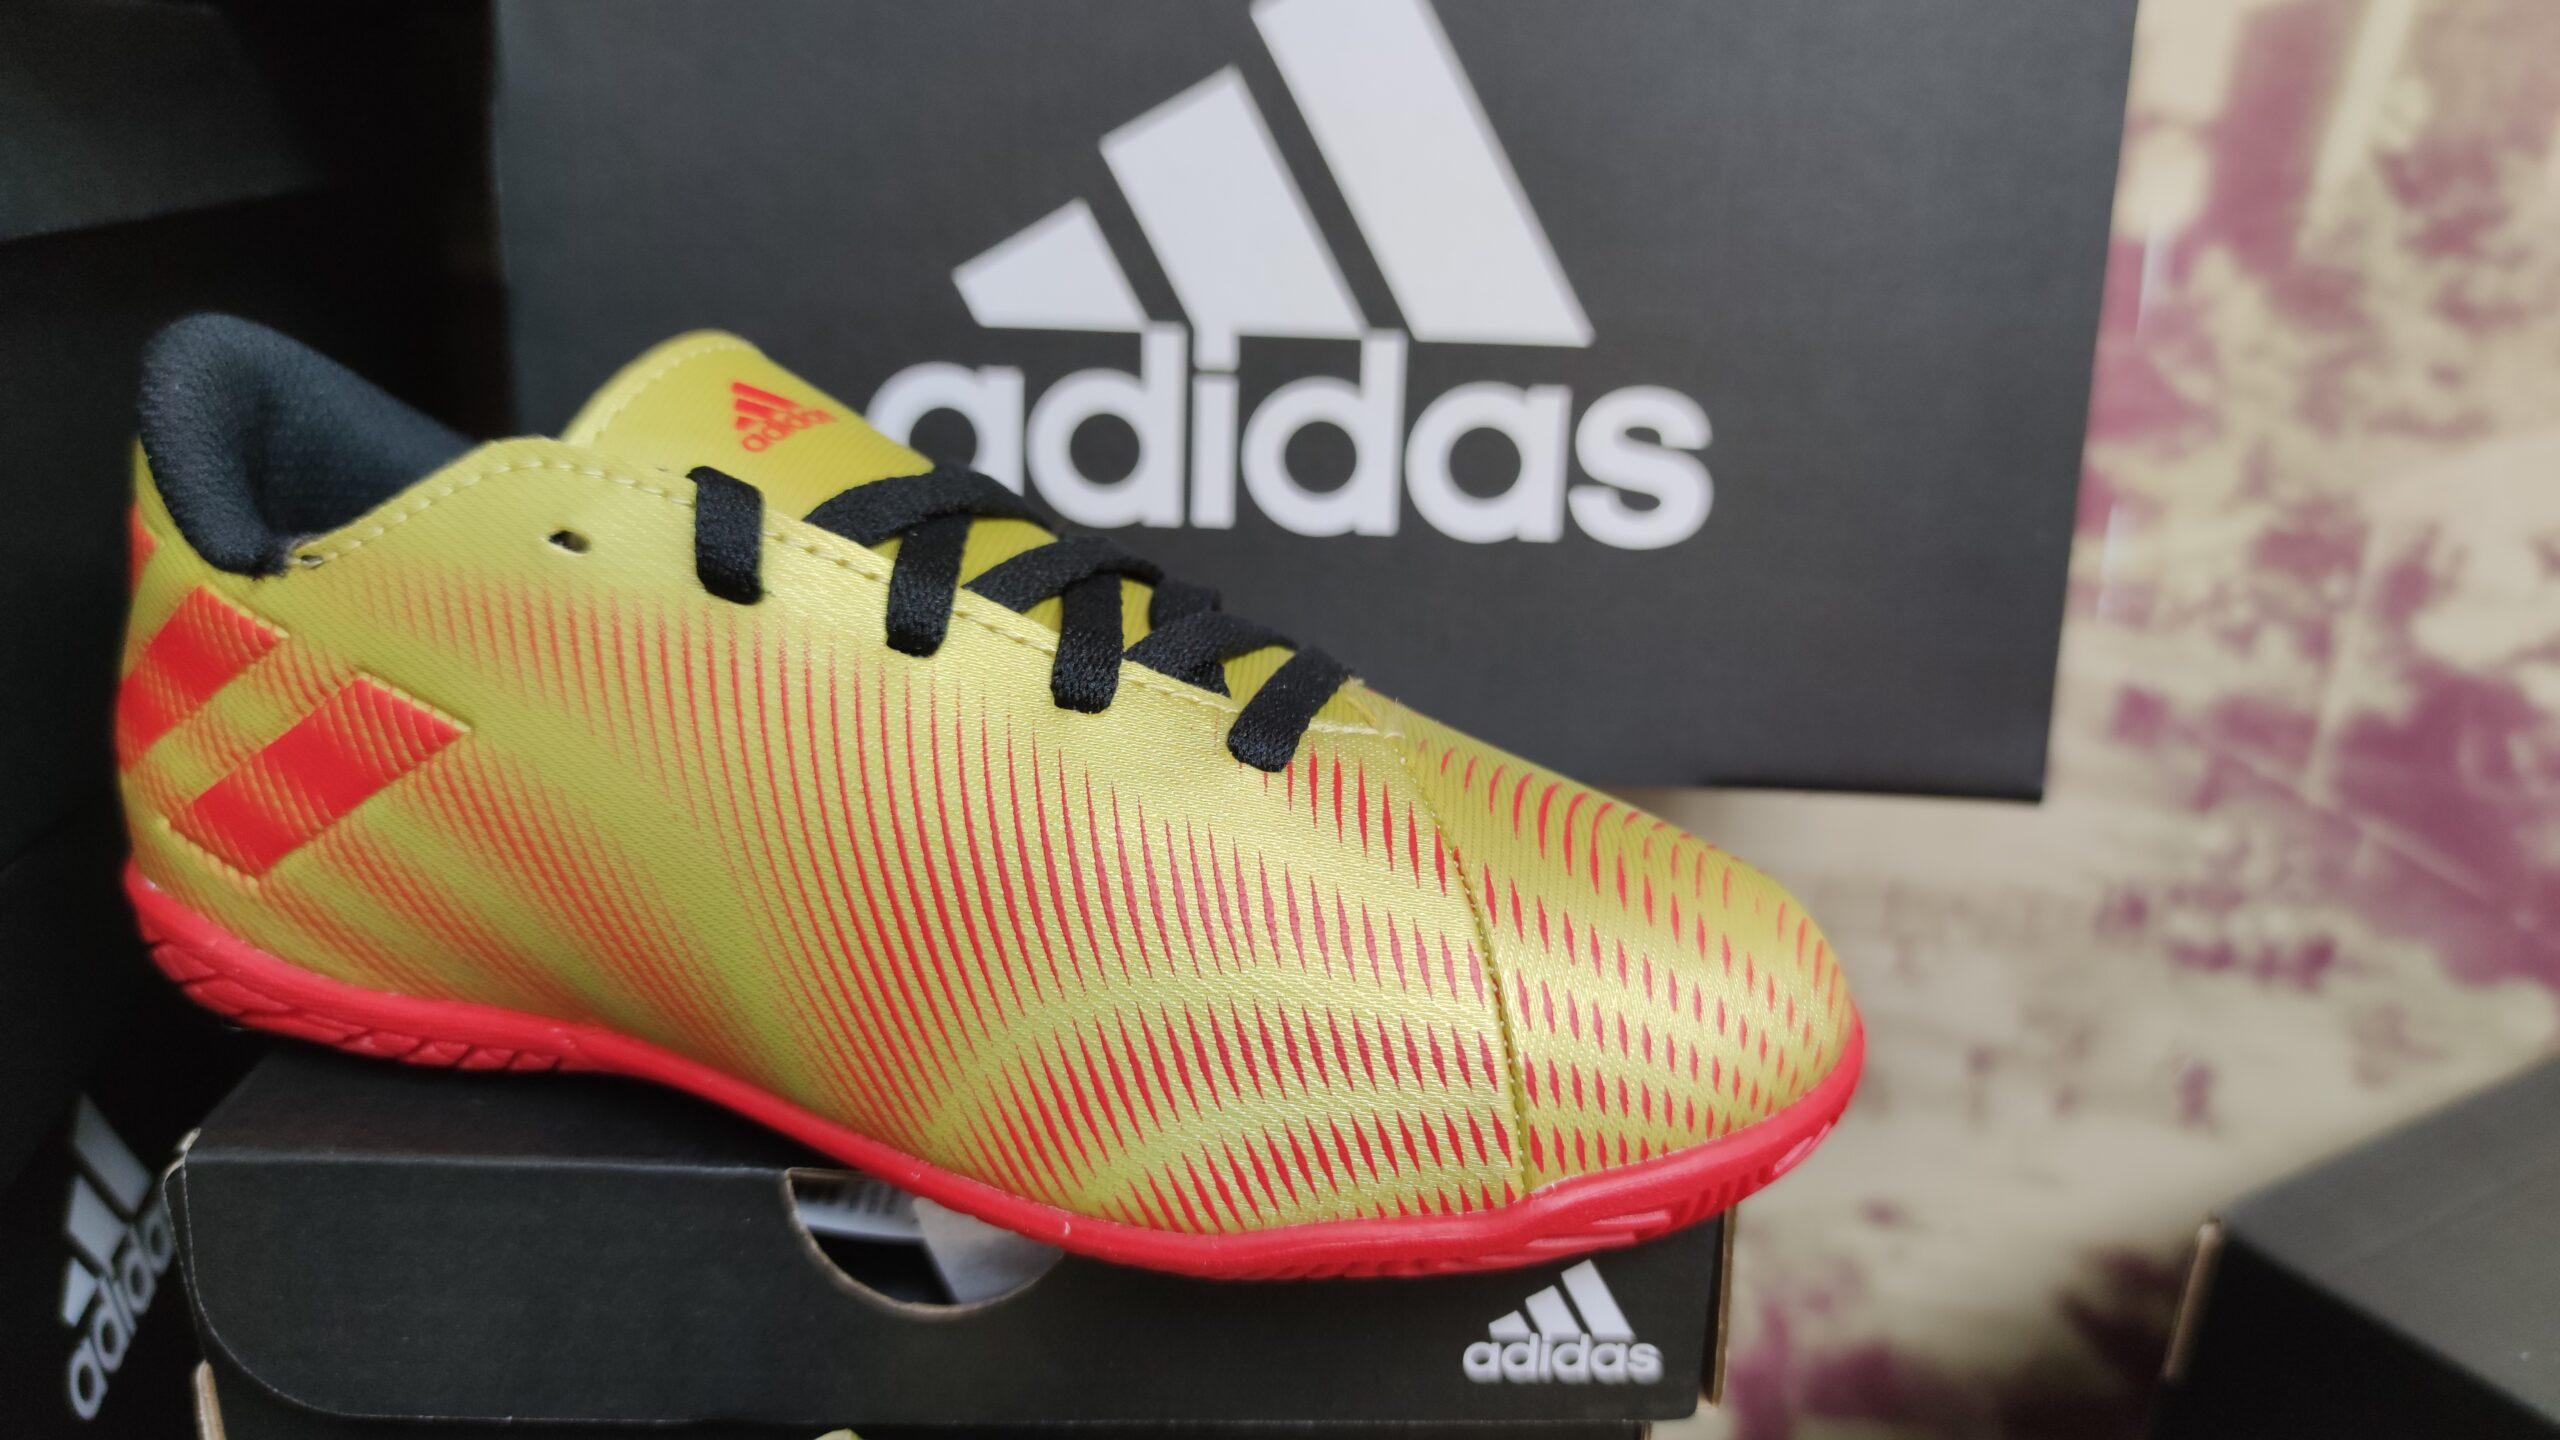 adidas Messi nuevas futbol FY0811 doradas